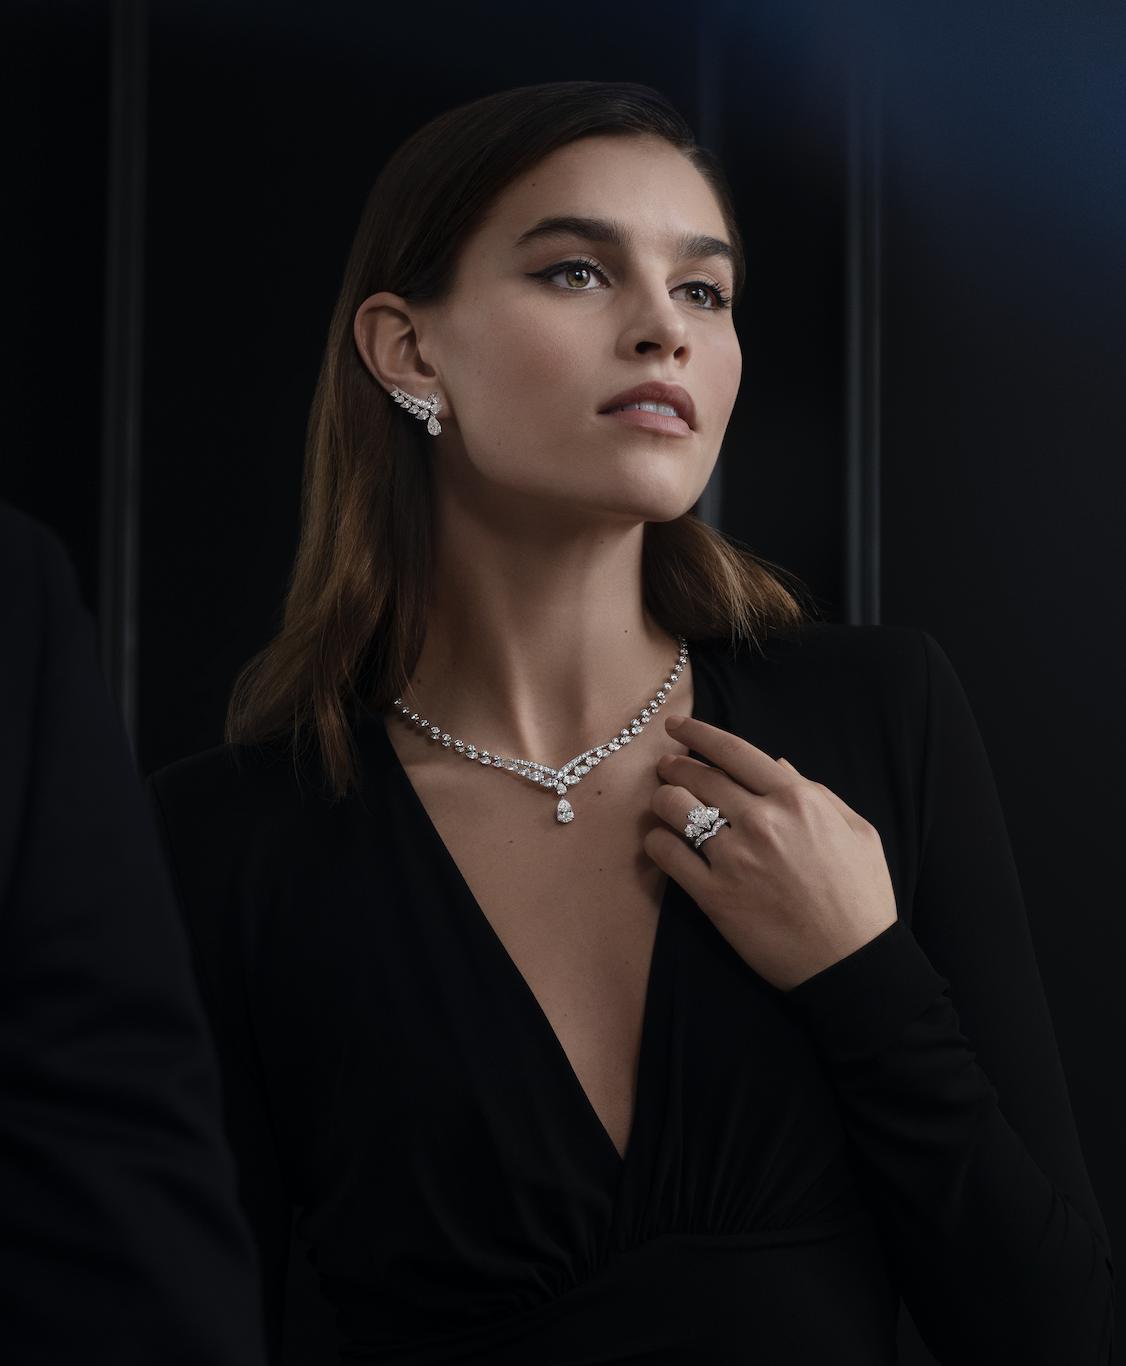 ce7da72f 2ada 48ea 8bd5 ac13f24b156a - Joséphine: Emperatriz de estilo, la nueva colección de Chaumet